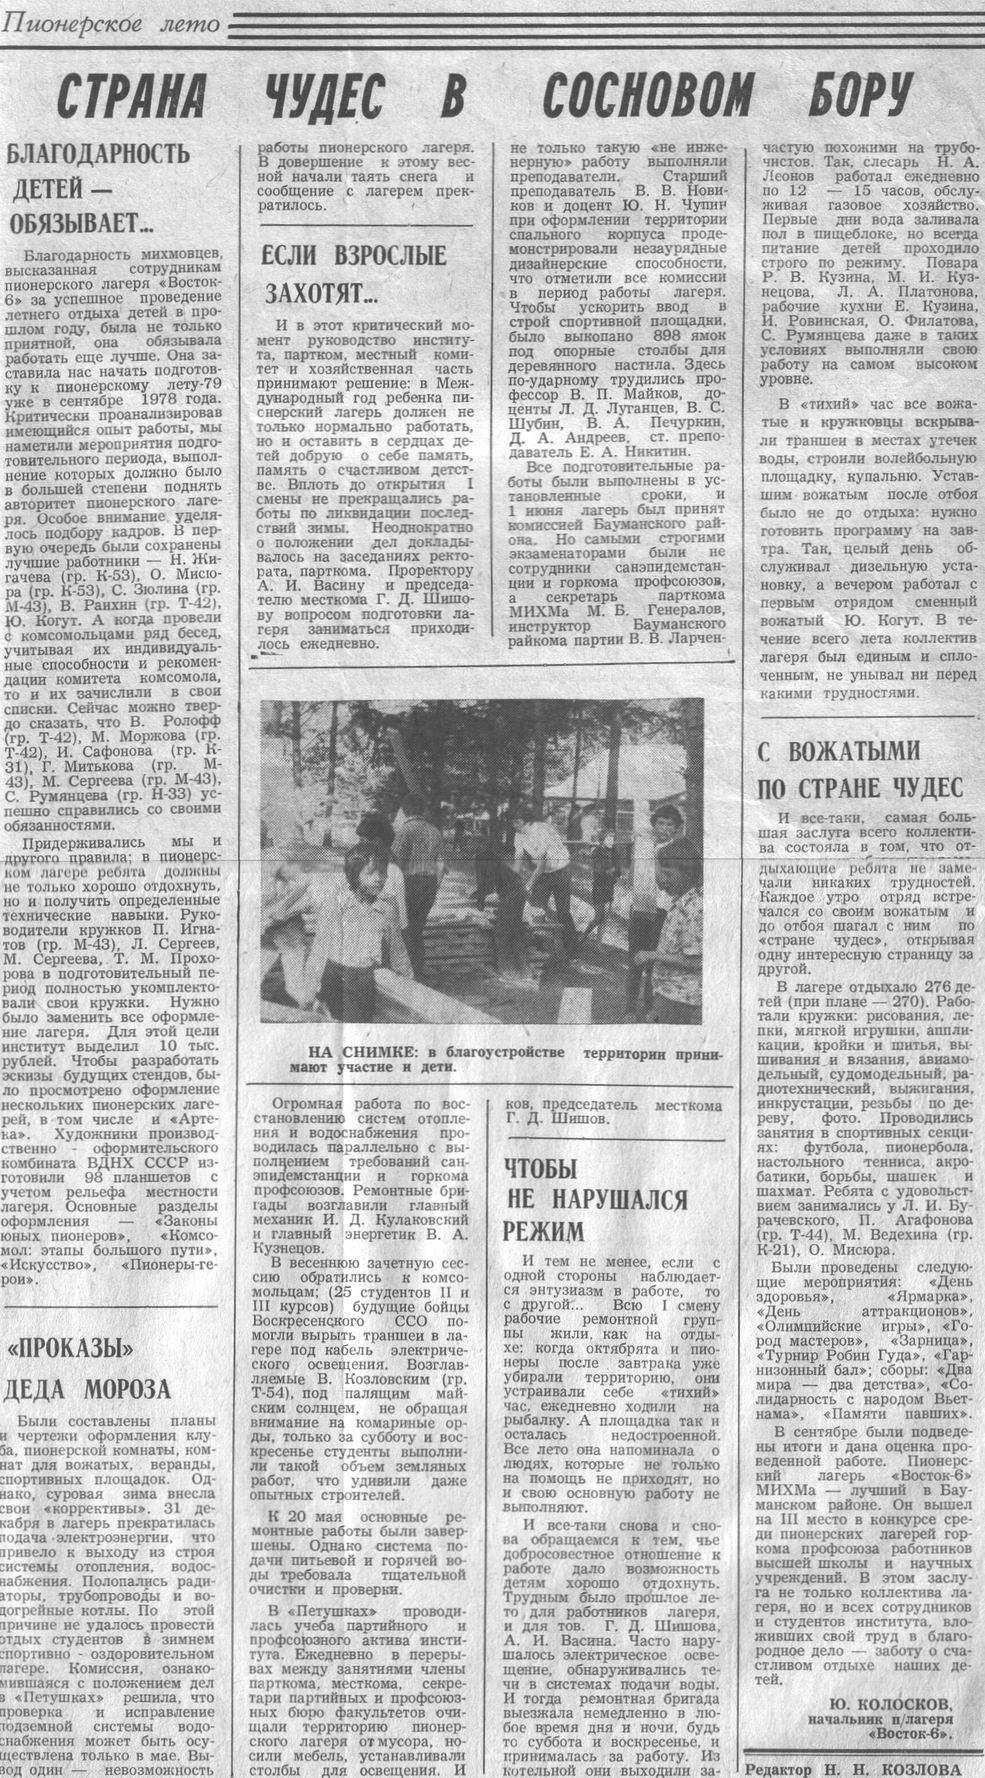 Пионерский лагерь МИХМа «Восток-6»,статья о михмачах-вожатых (1979)